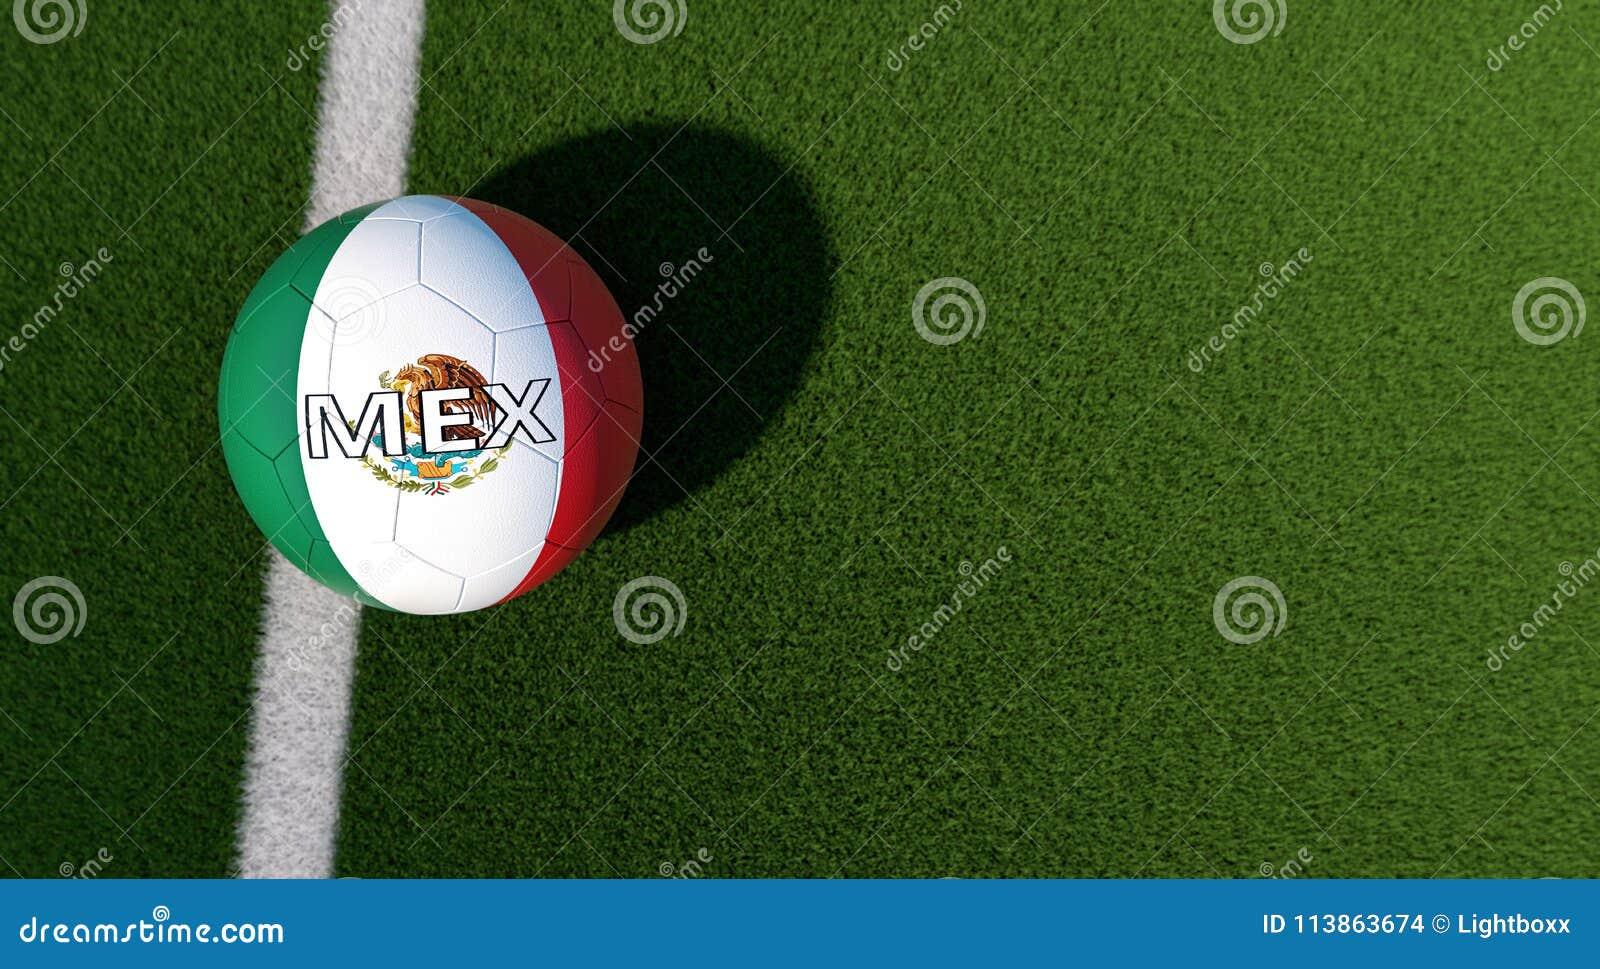 Fußball In Den Mexikanischen Nationalen Farben Auf Einem ...